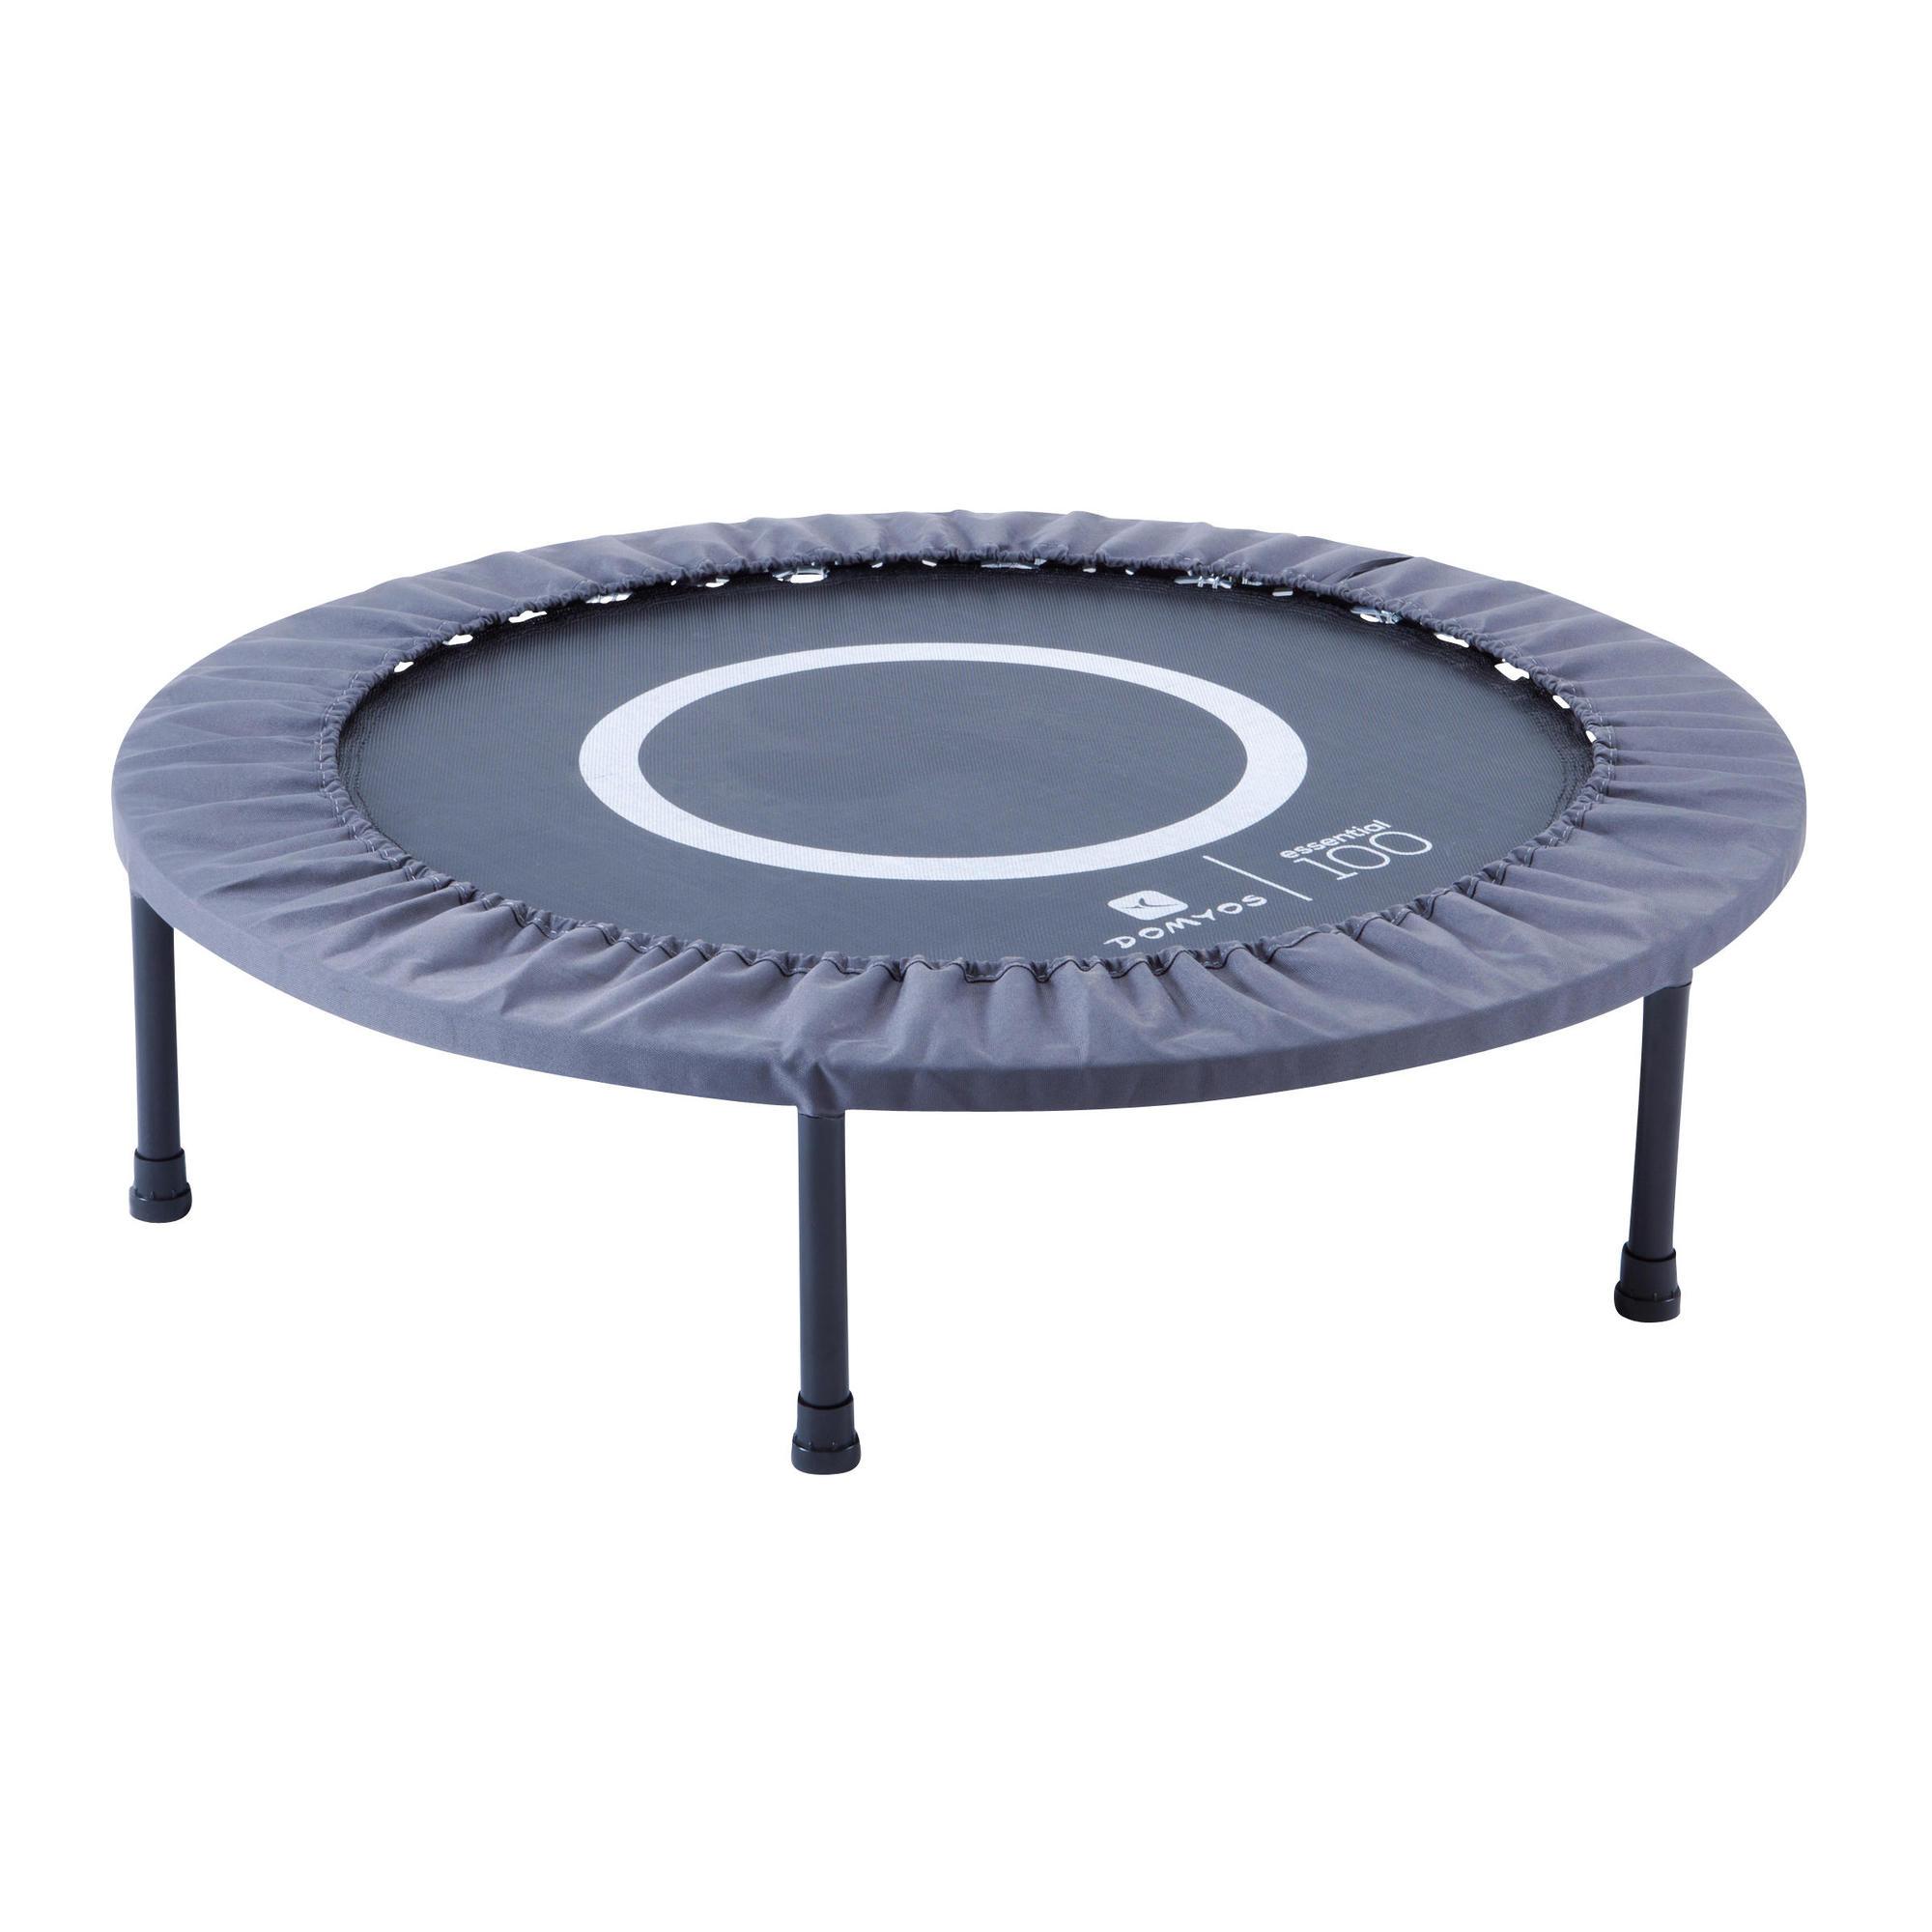 prix d un trampoline avec filet plus pour choisir son. Black Bedroom Furniture Sets. Home Design Ideas